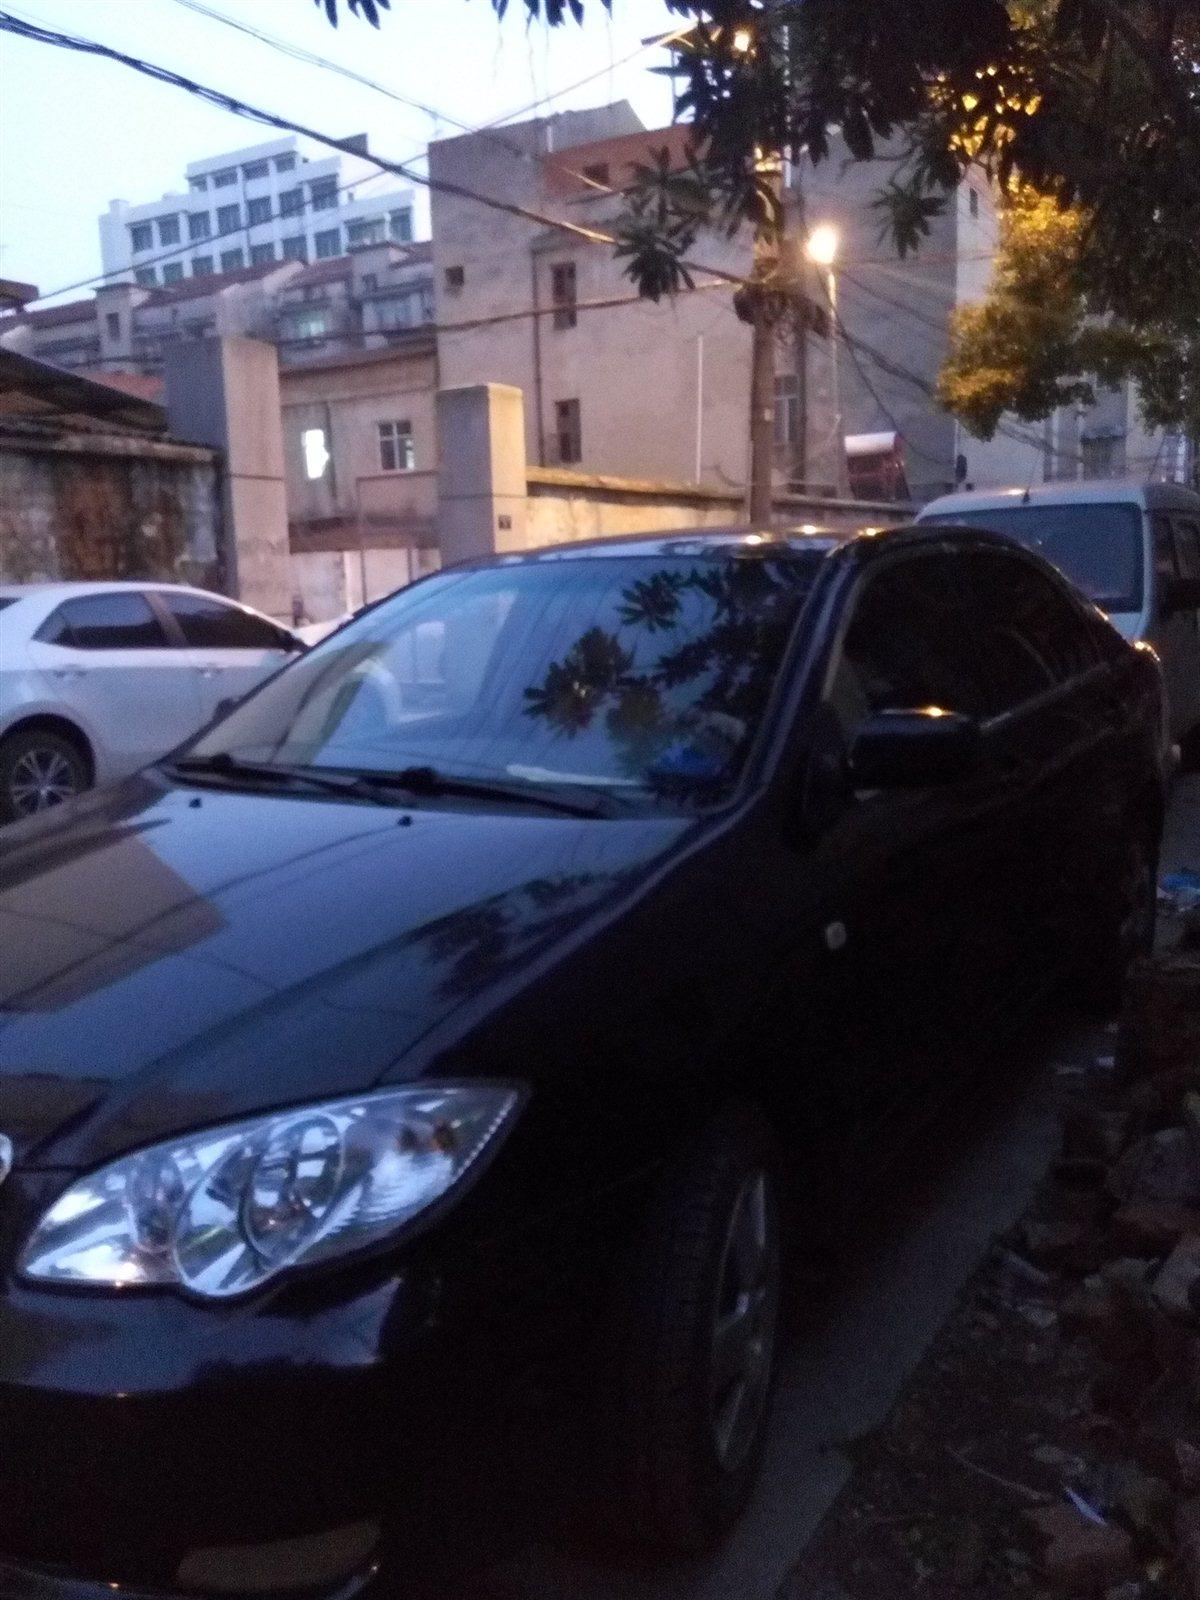 私人汽车,车况良好,手续齐全!